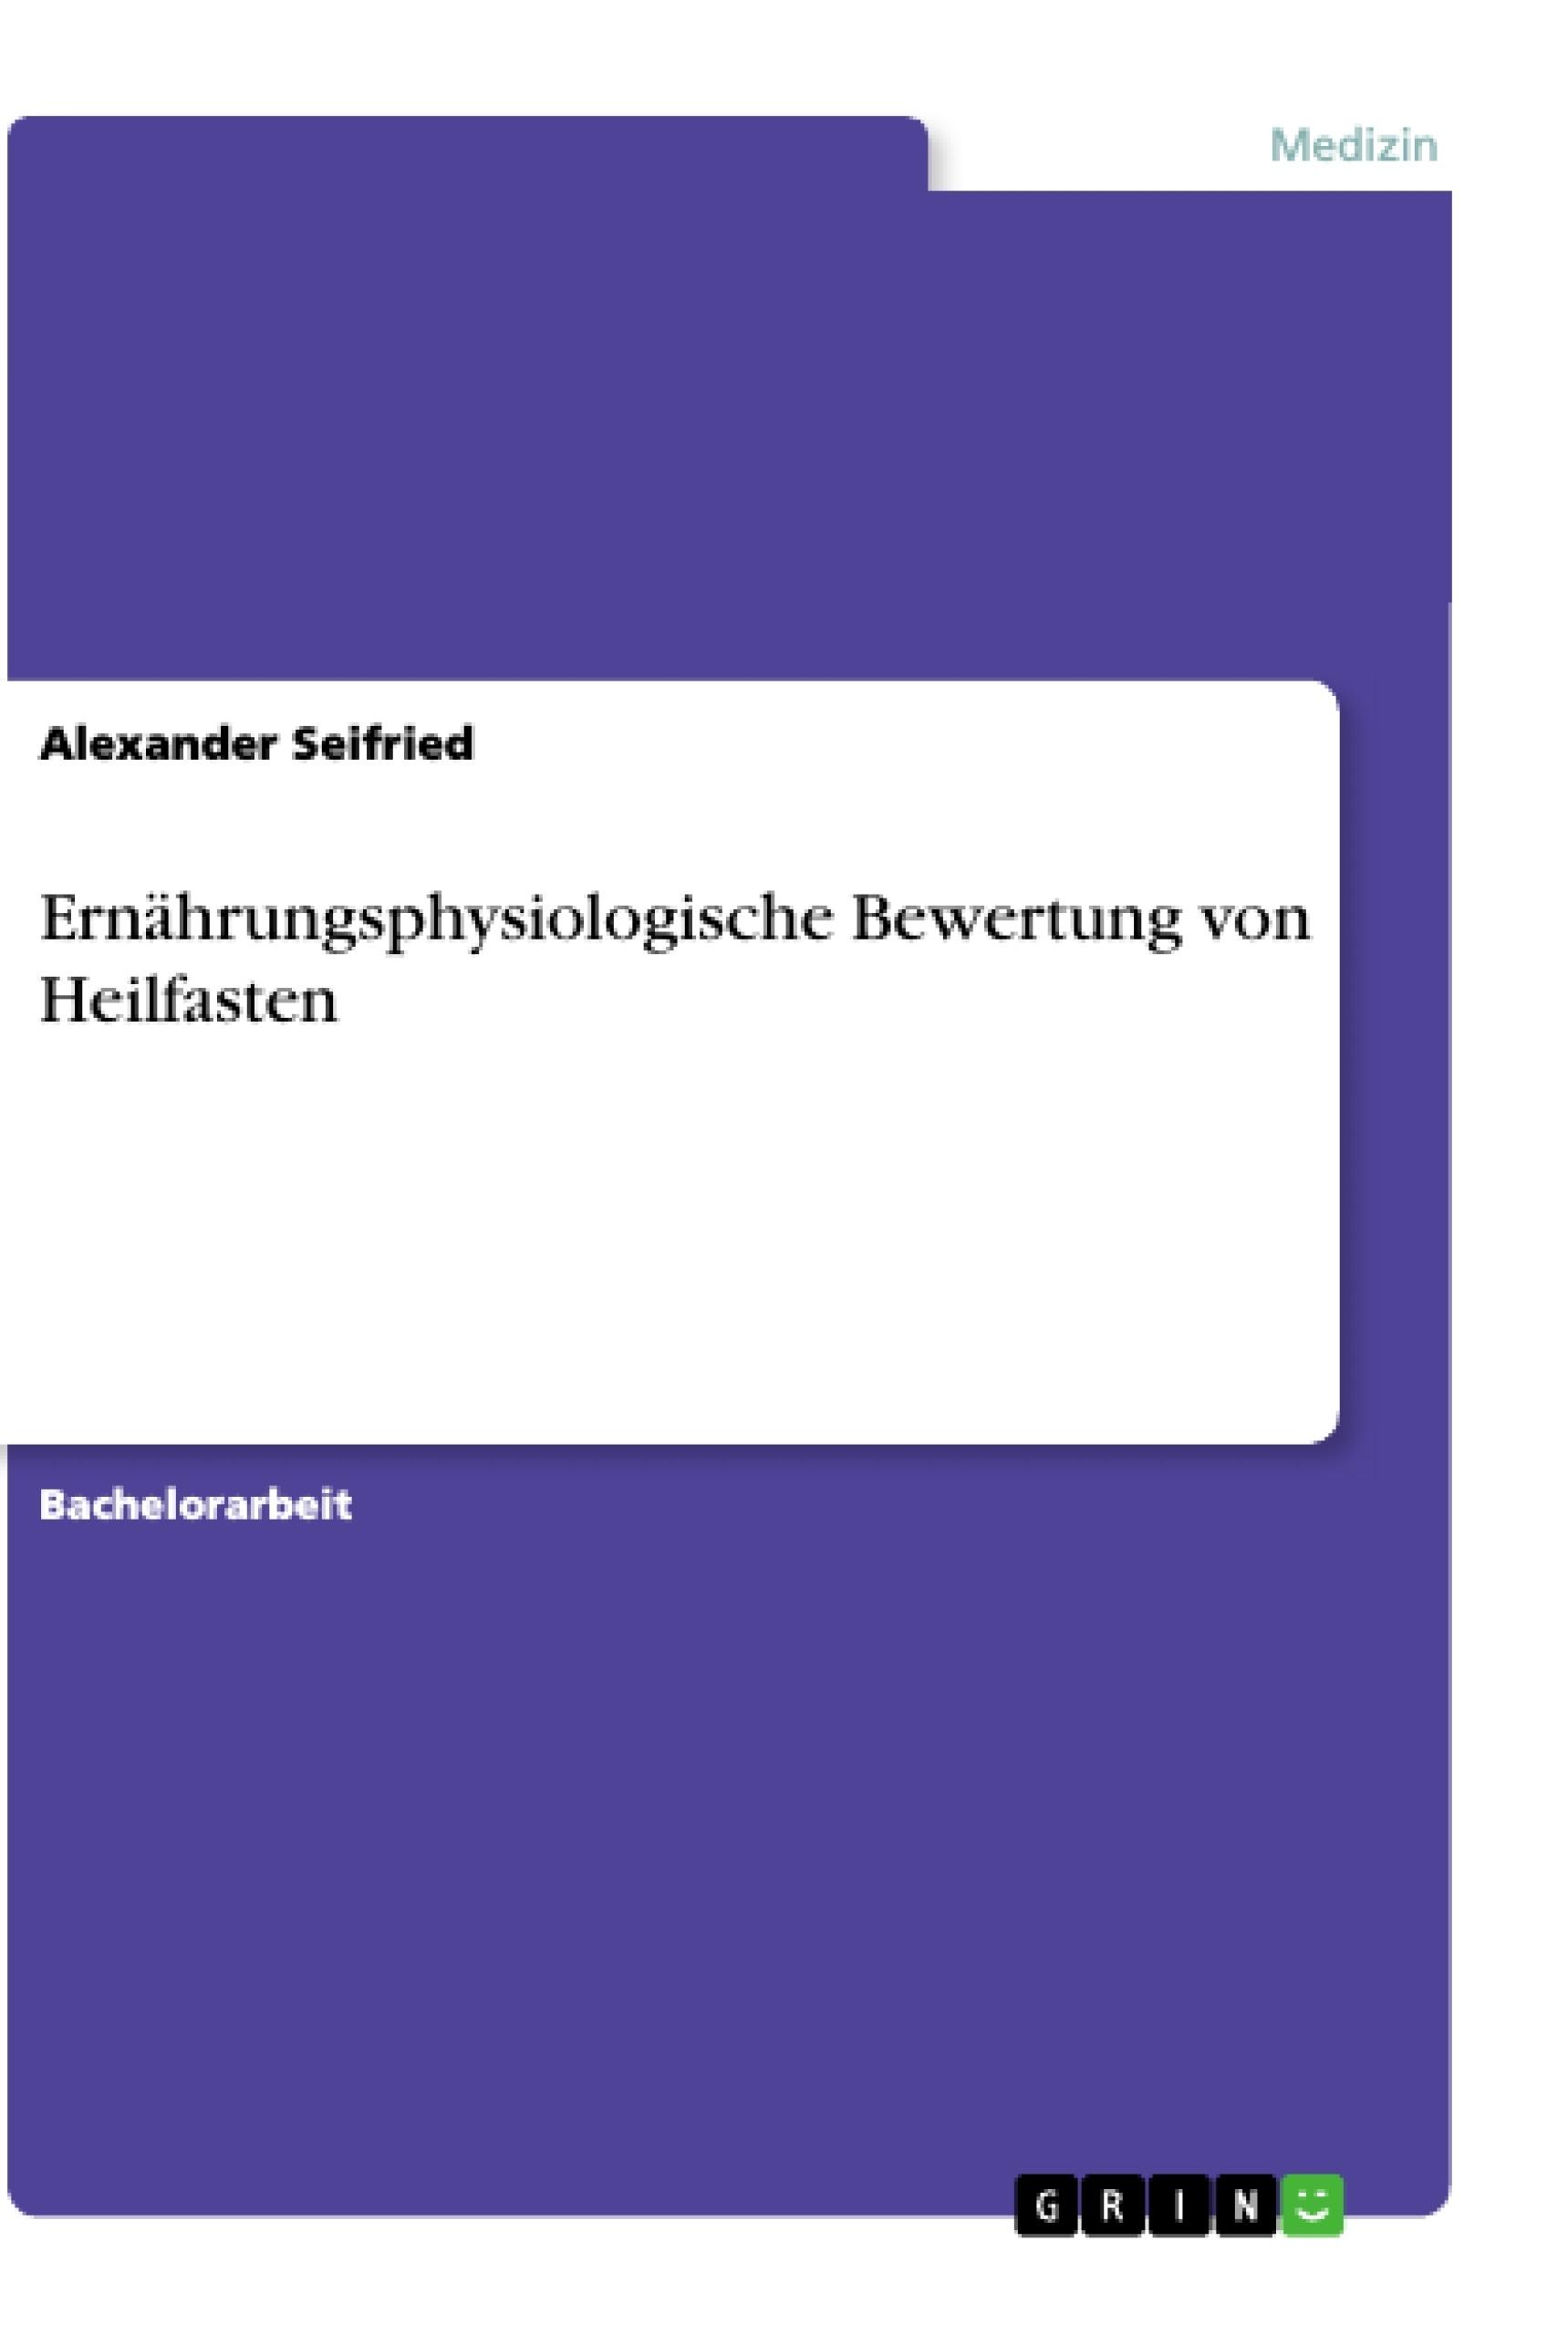 Titel: Ernährungsphysiologische Bewertung von Heilfasten